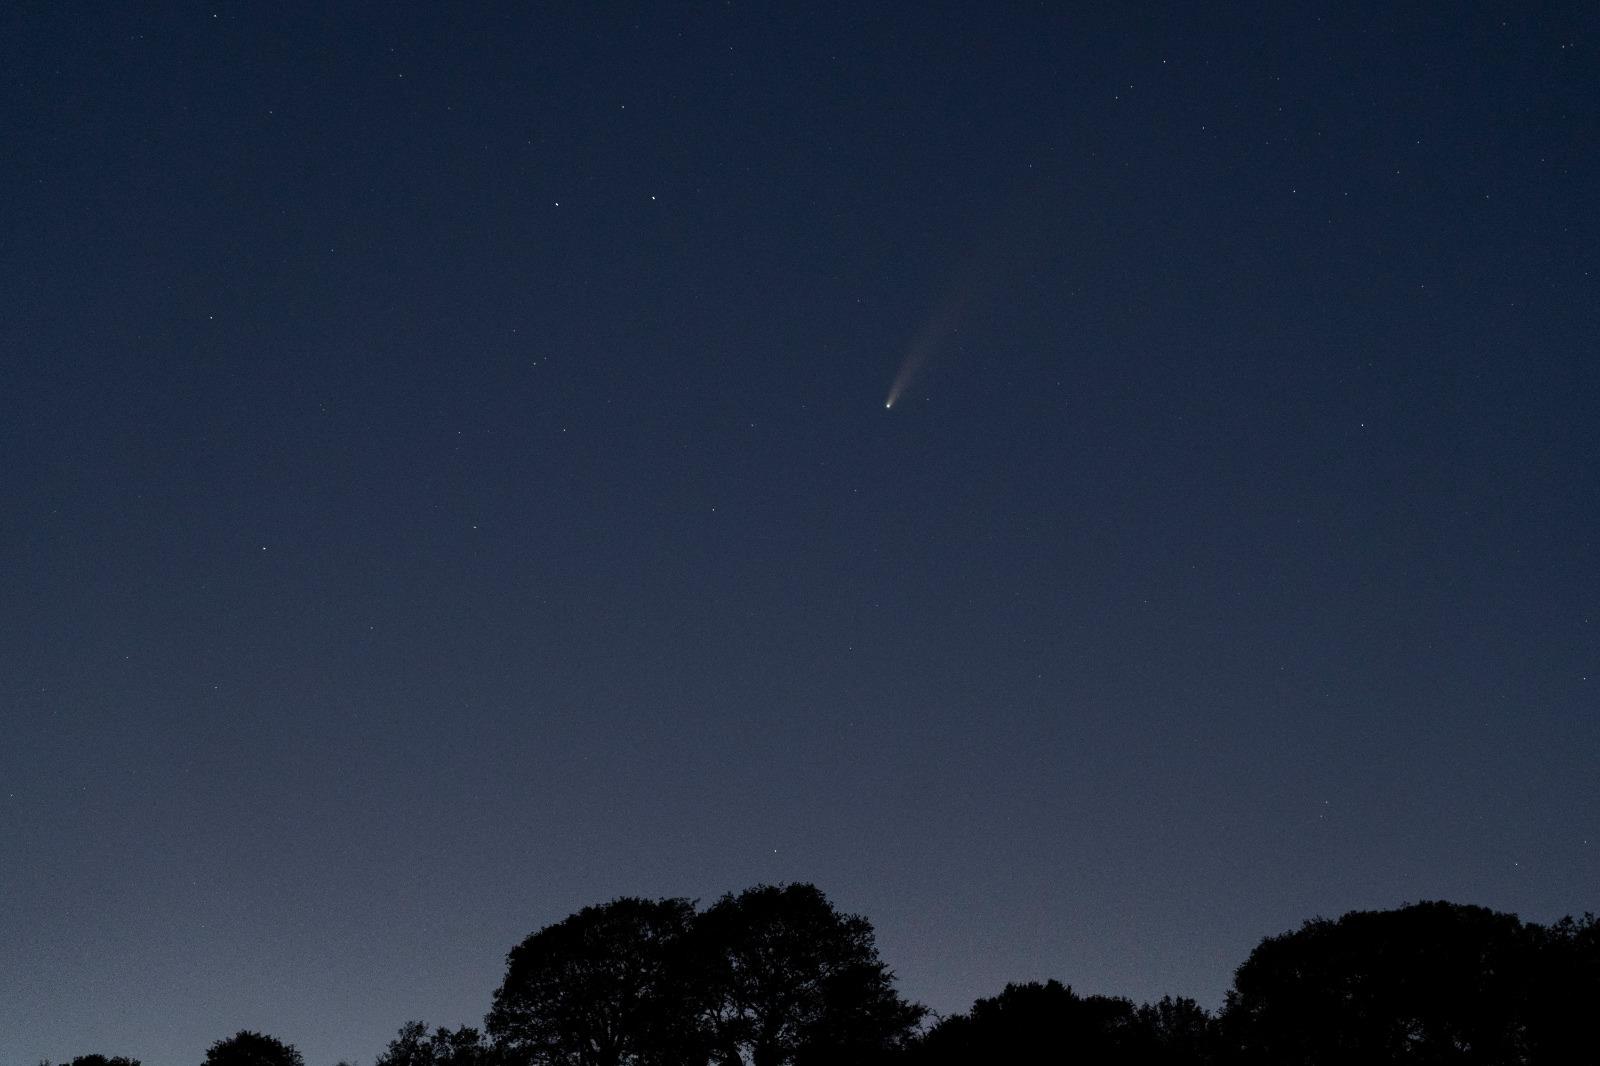 Michele Vallorosi, panorama con cometa del 18 luglio